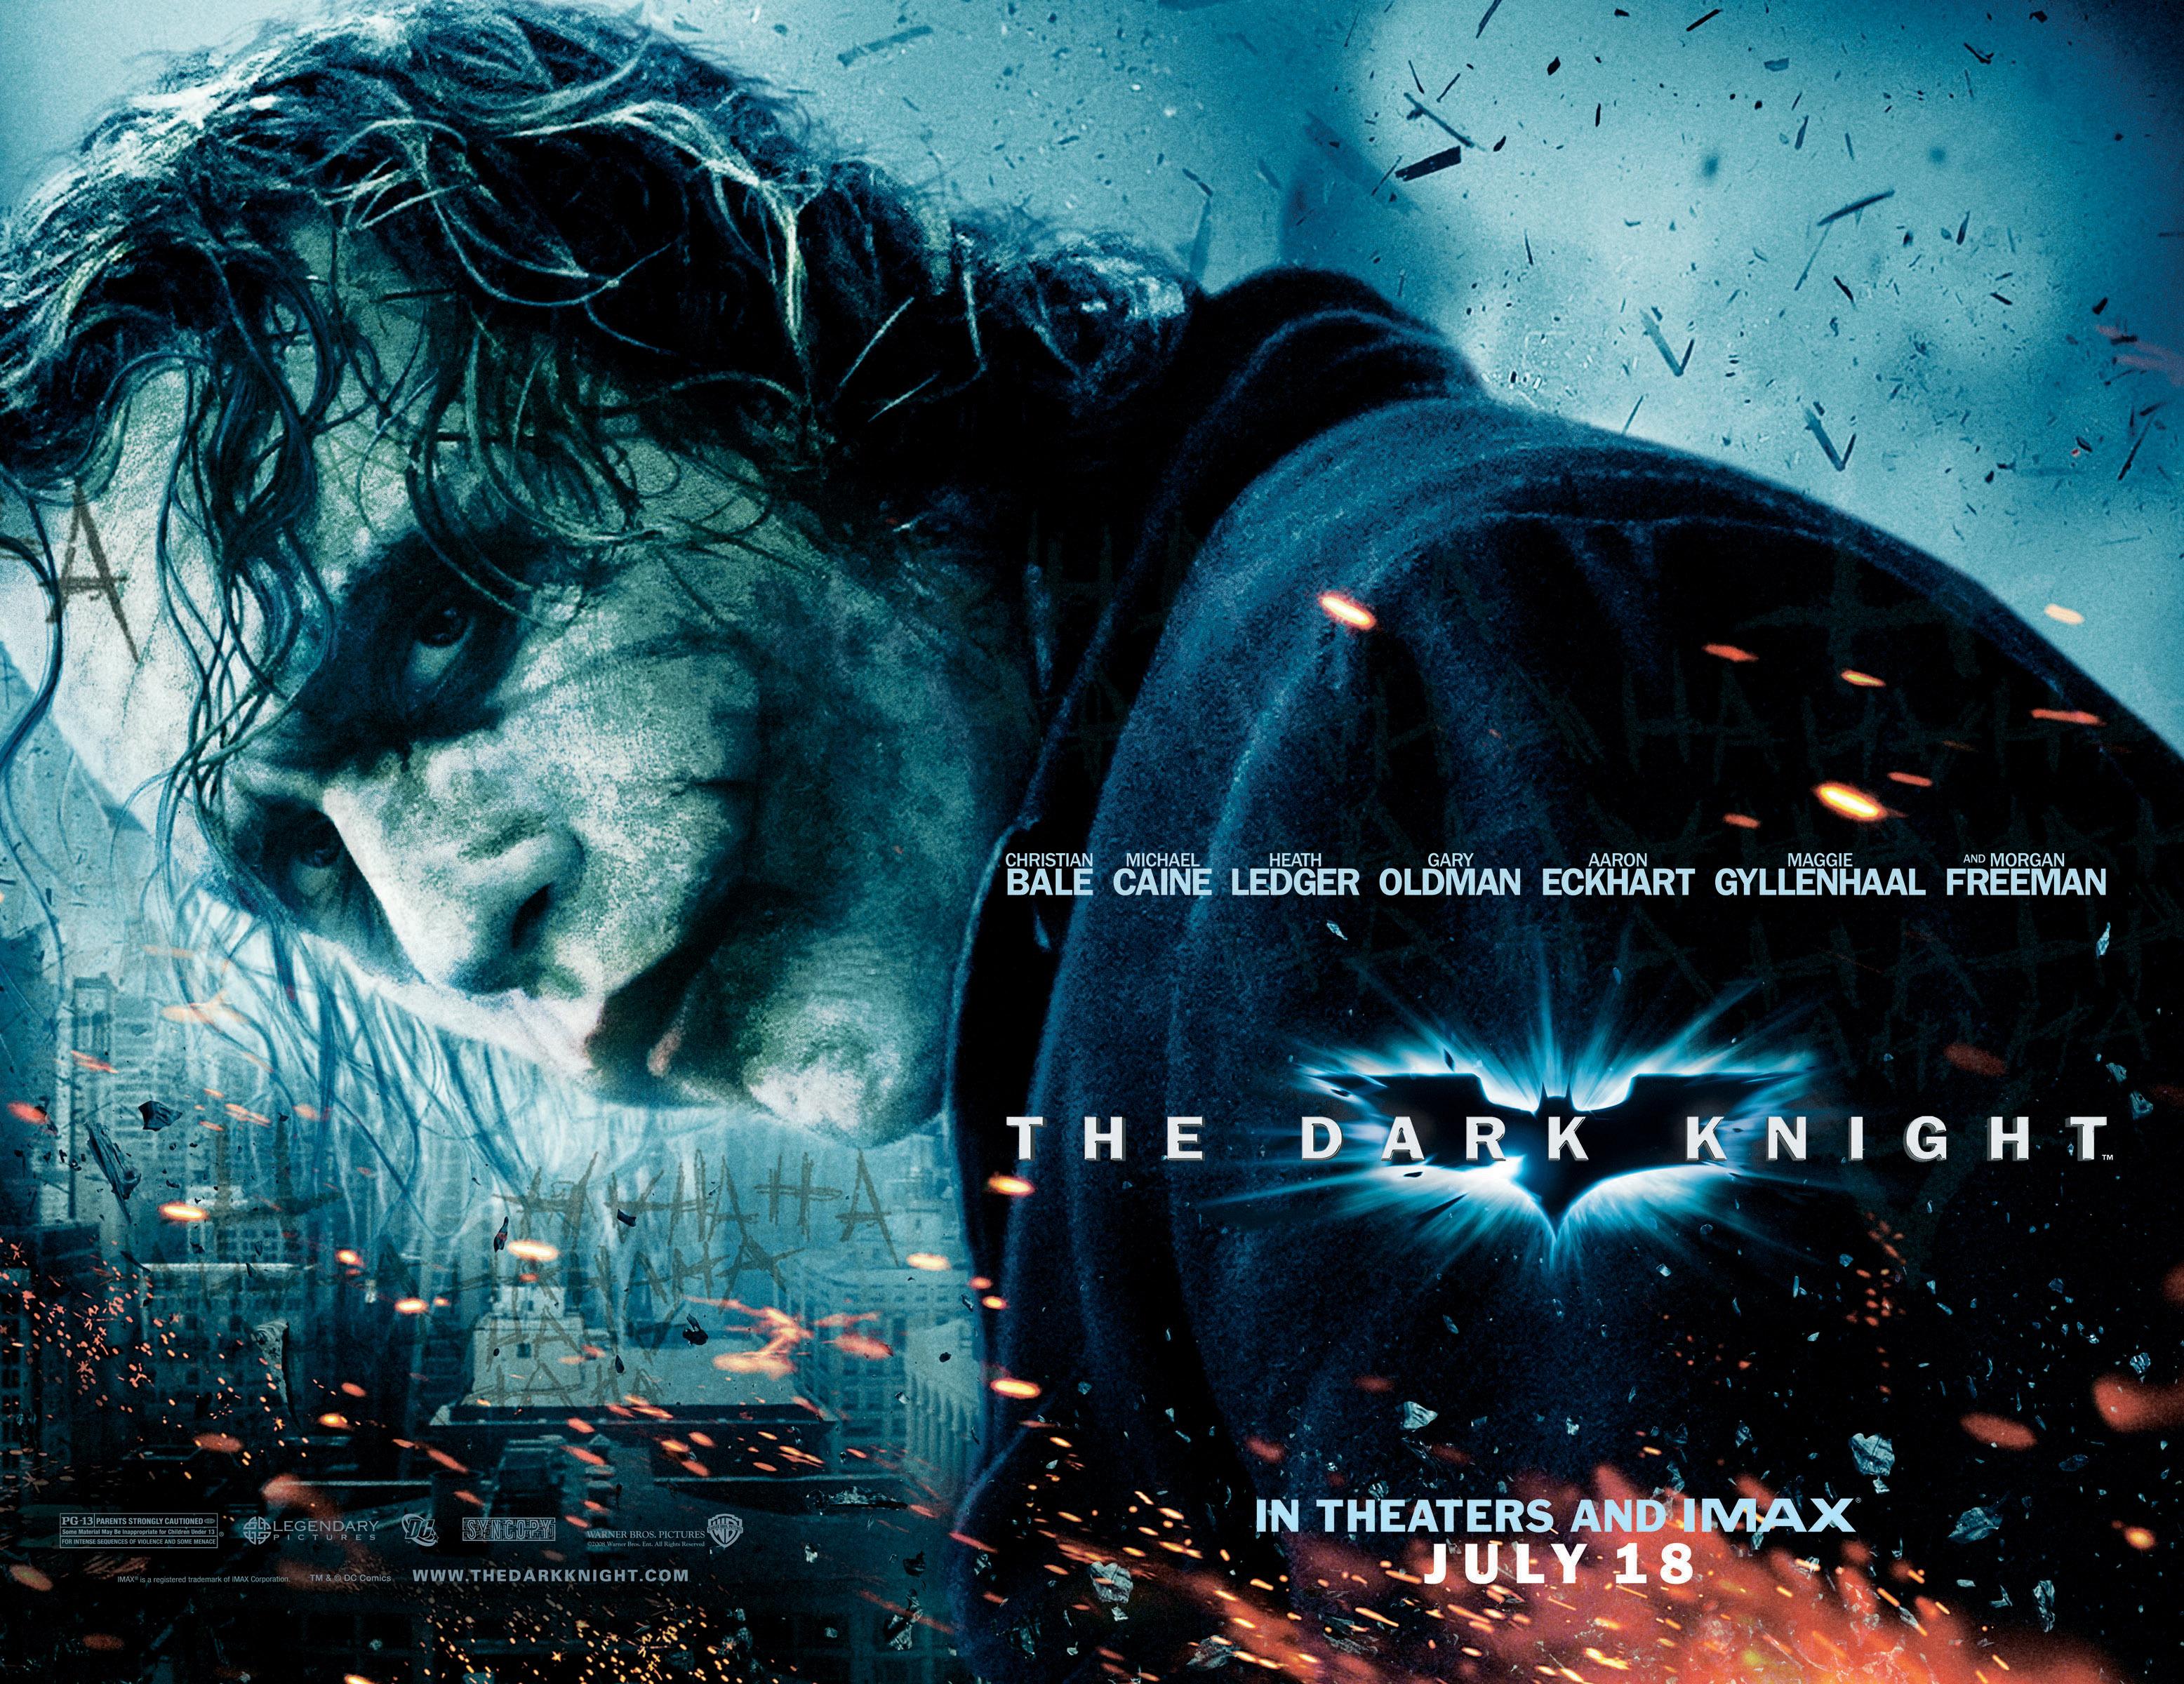 蝙蝠侠前传黑暗骑士 蝙蝠侠前传2百度云 蝙蝠侠小丑